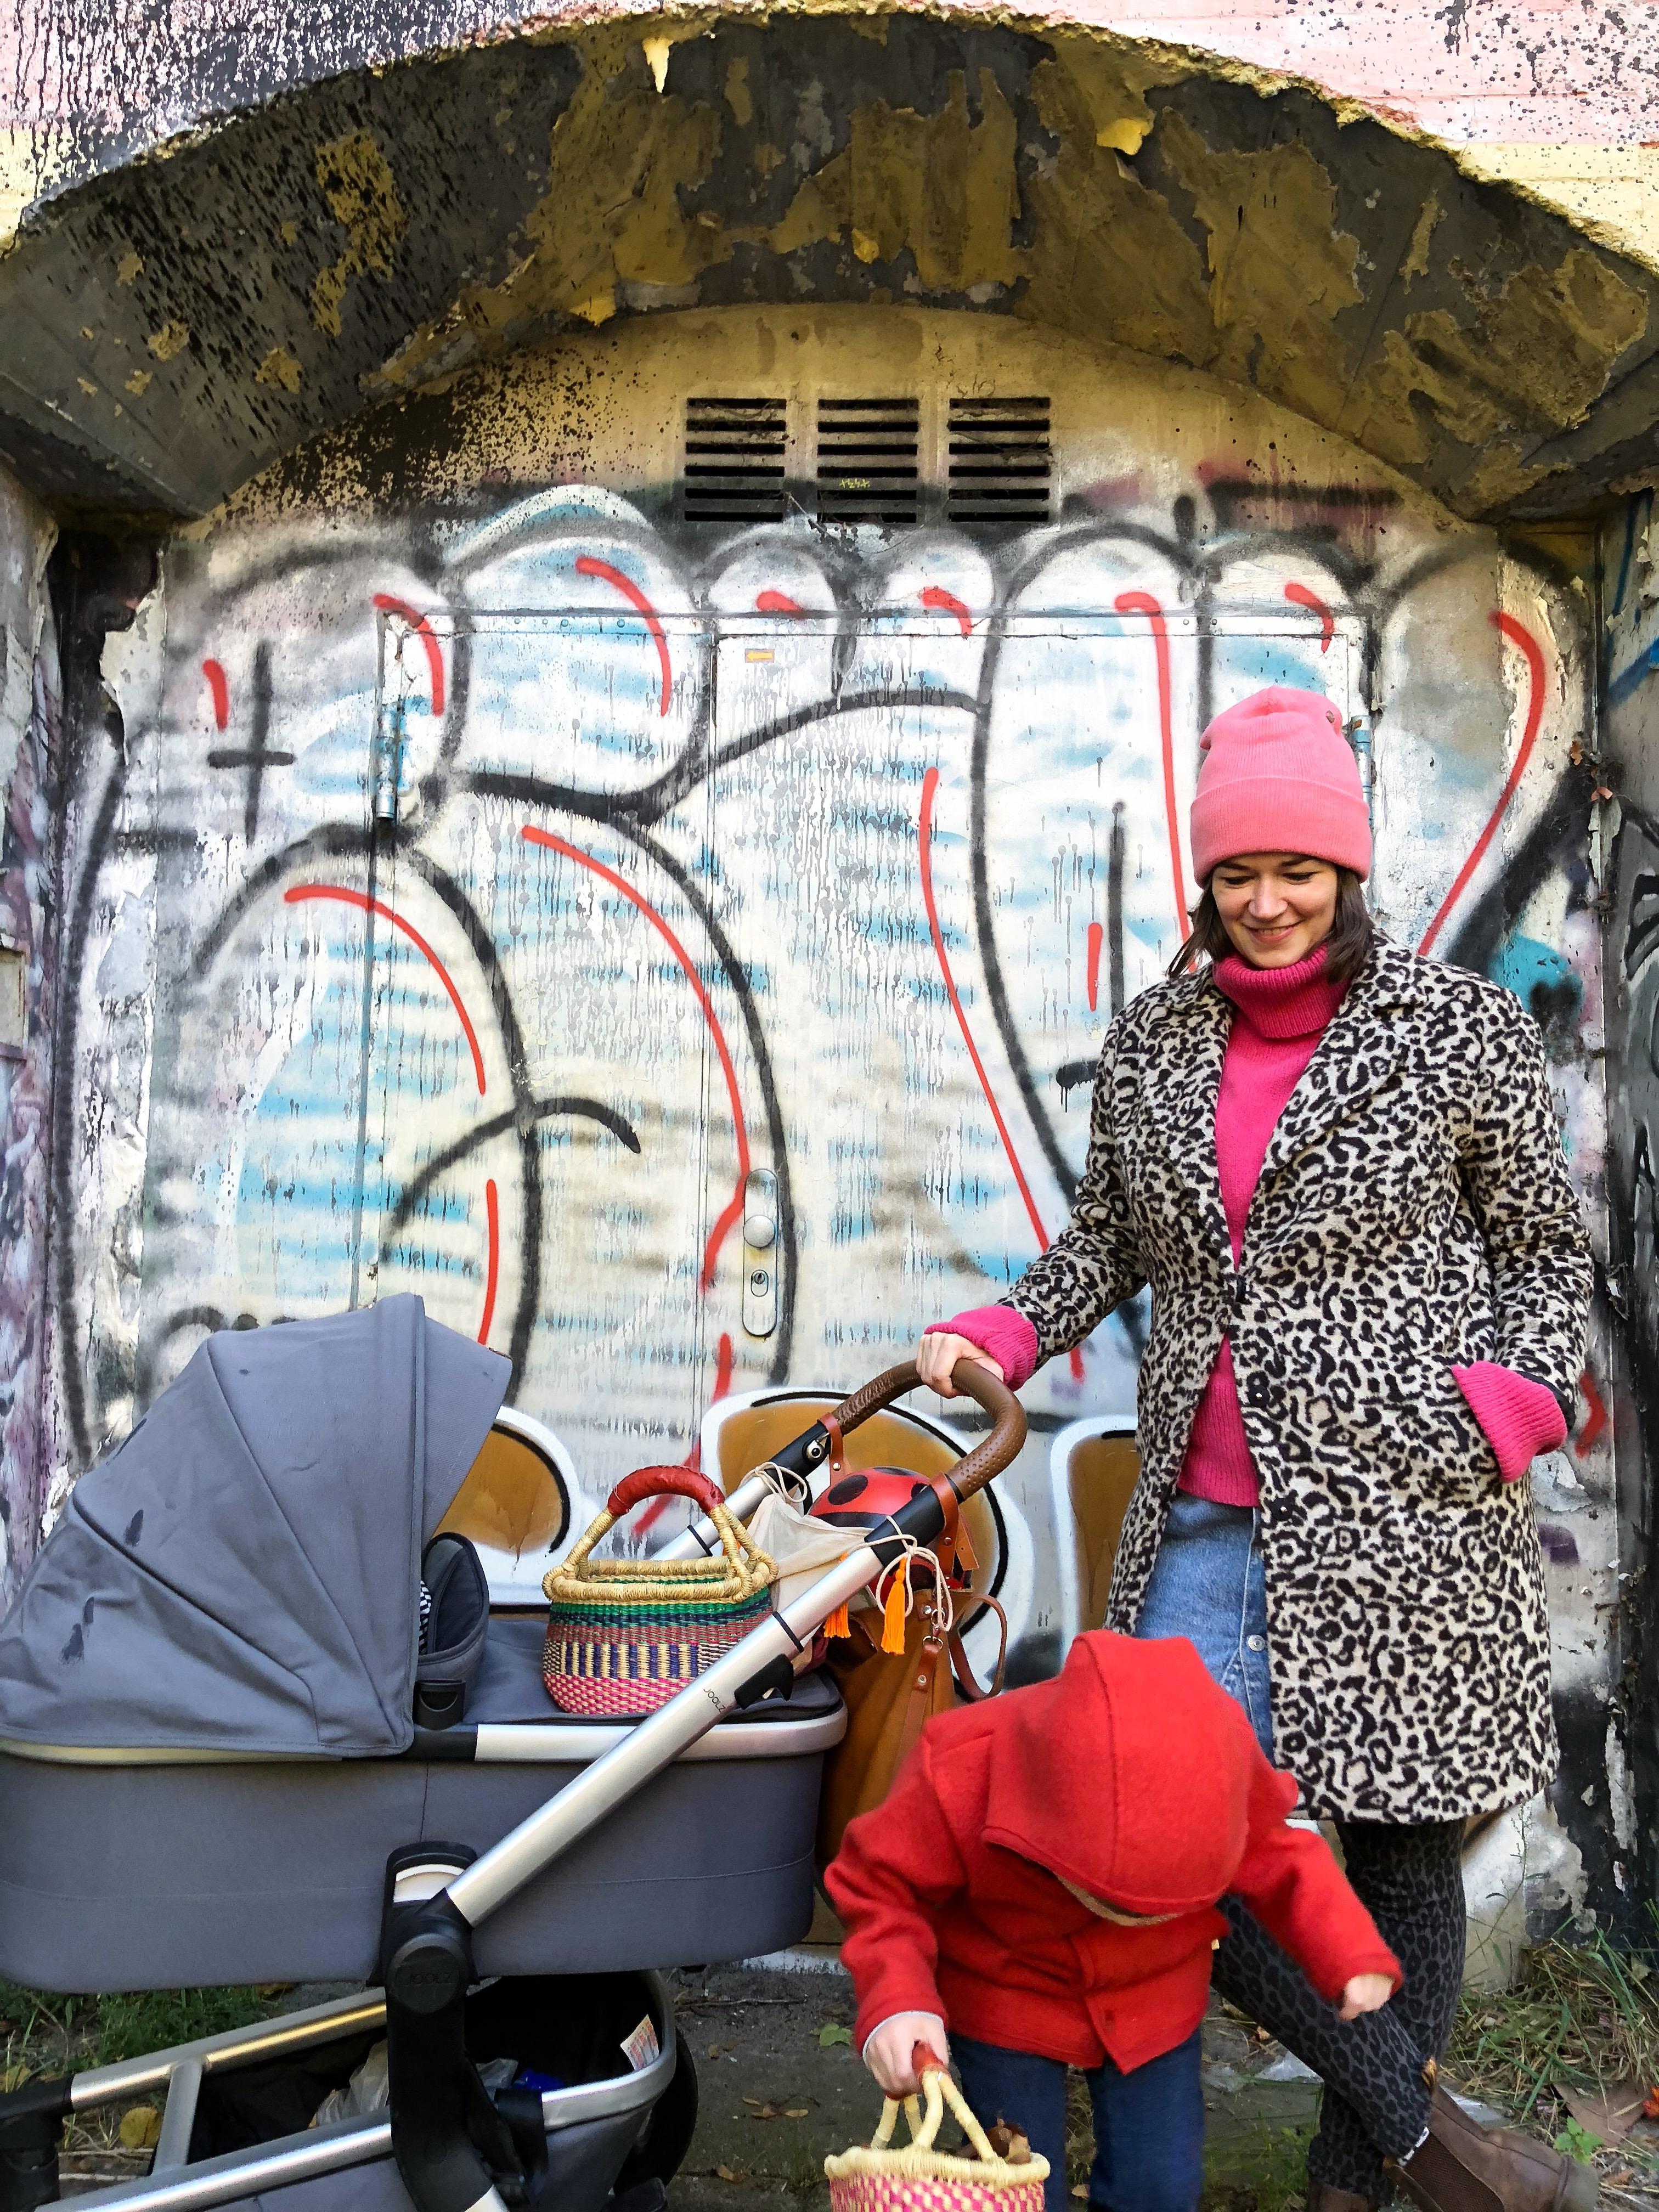 PinkepankStyle - Stillfreundliches Herbst Outfit mit Wollpullover und Leo-Mantel